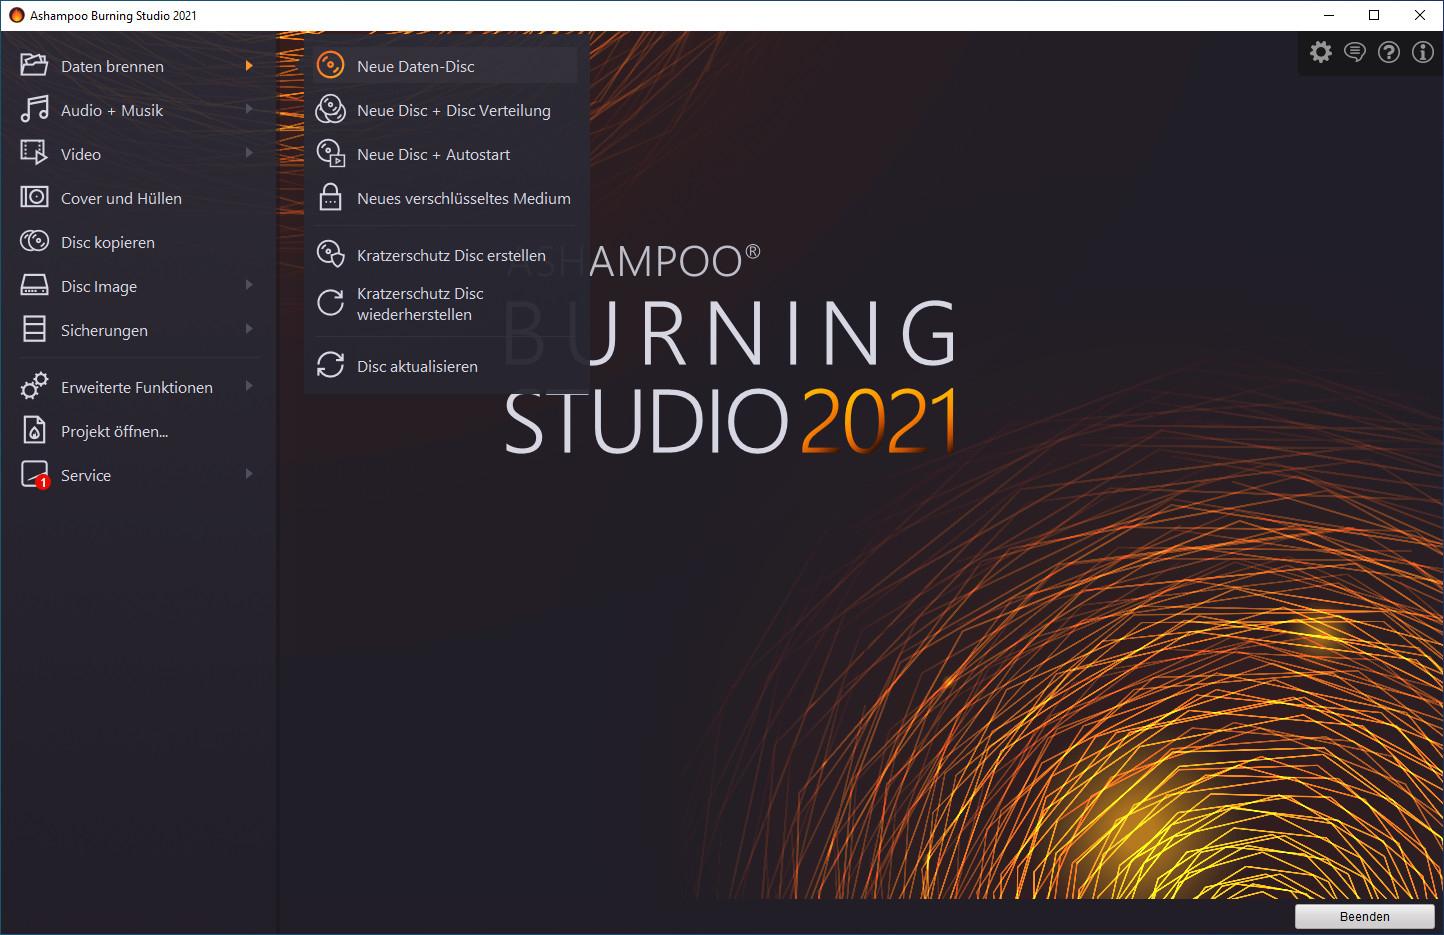 Ashampoo Burning Studio 2021 – Kostenlose Vollversion